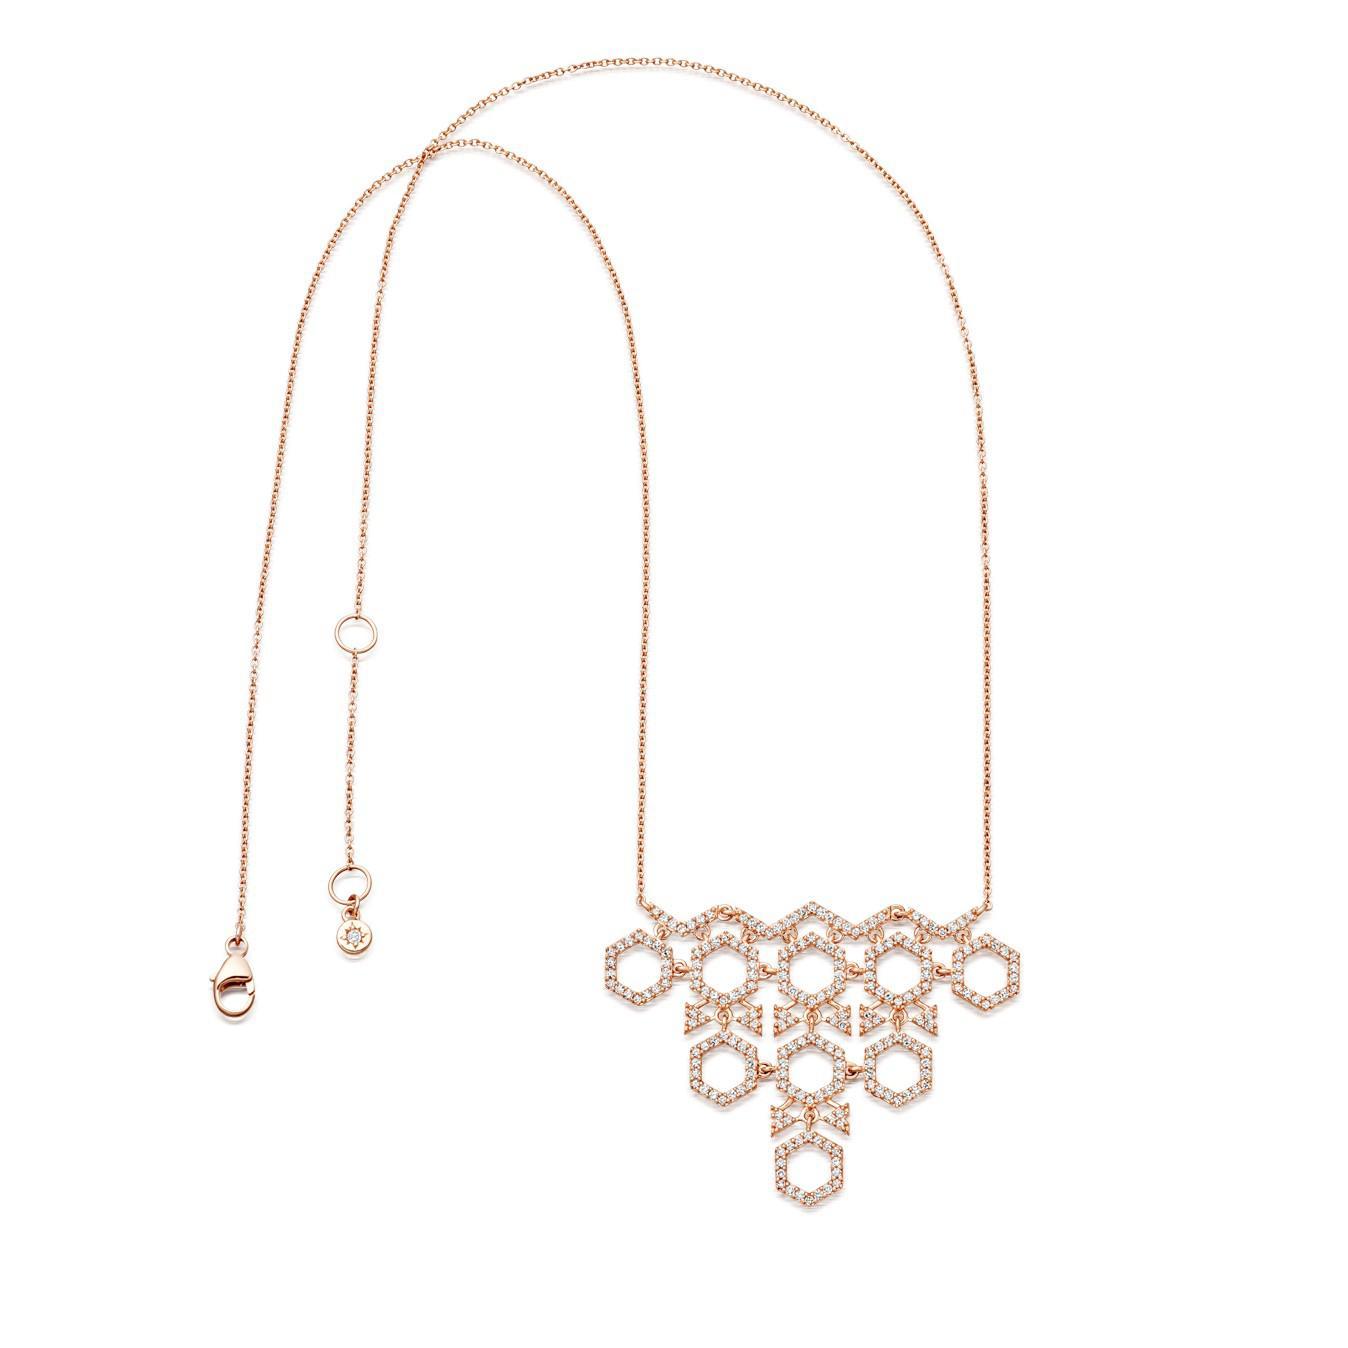 Astley Clarke Honeycomb Necklace in Metallic